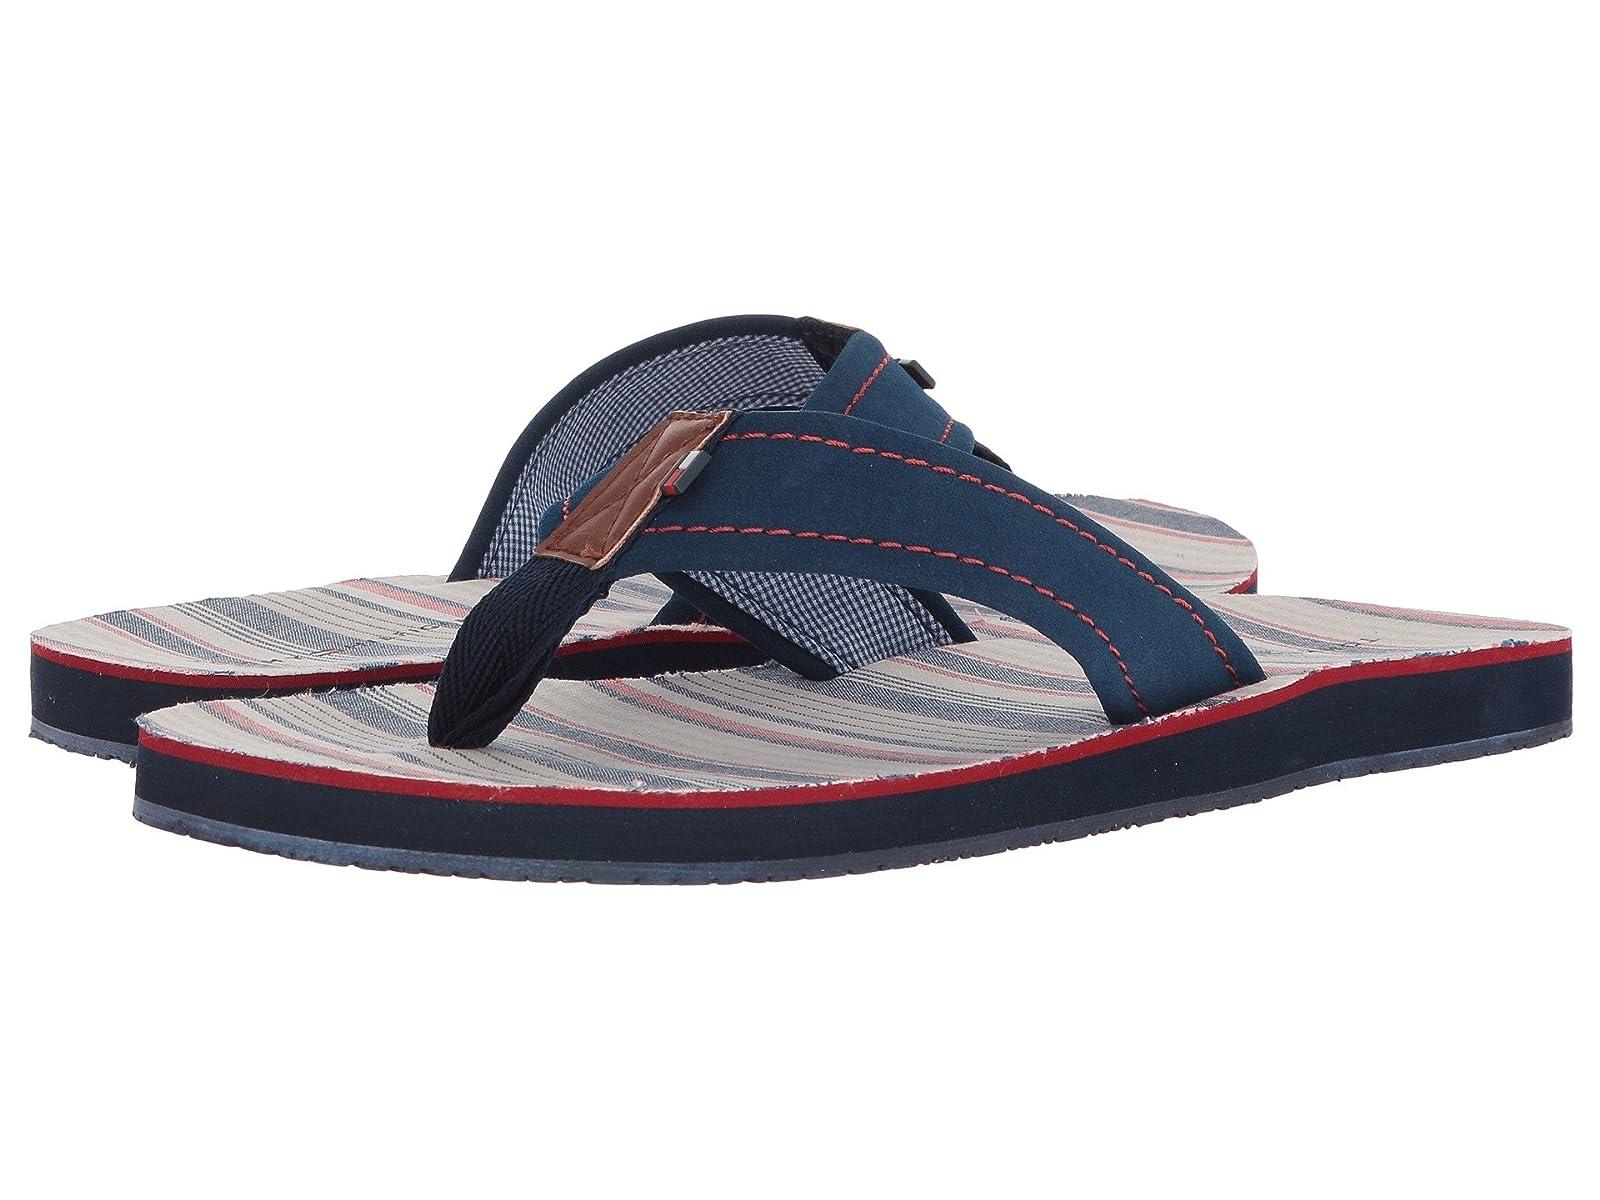 Tommy Hilfiger DavalAtmospheric grades have affordable shoes